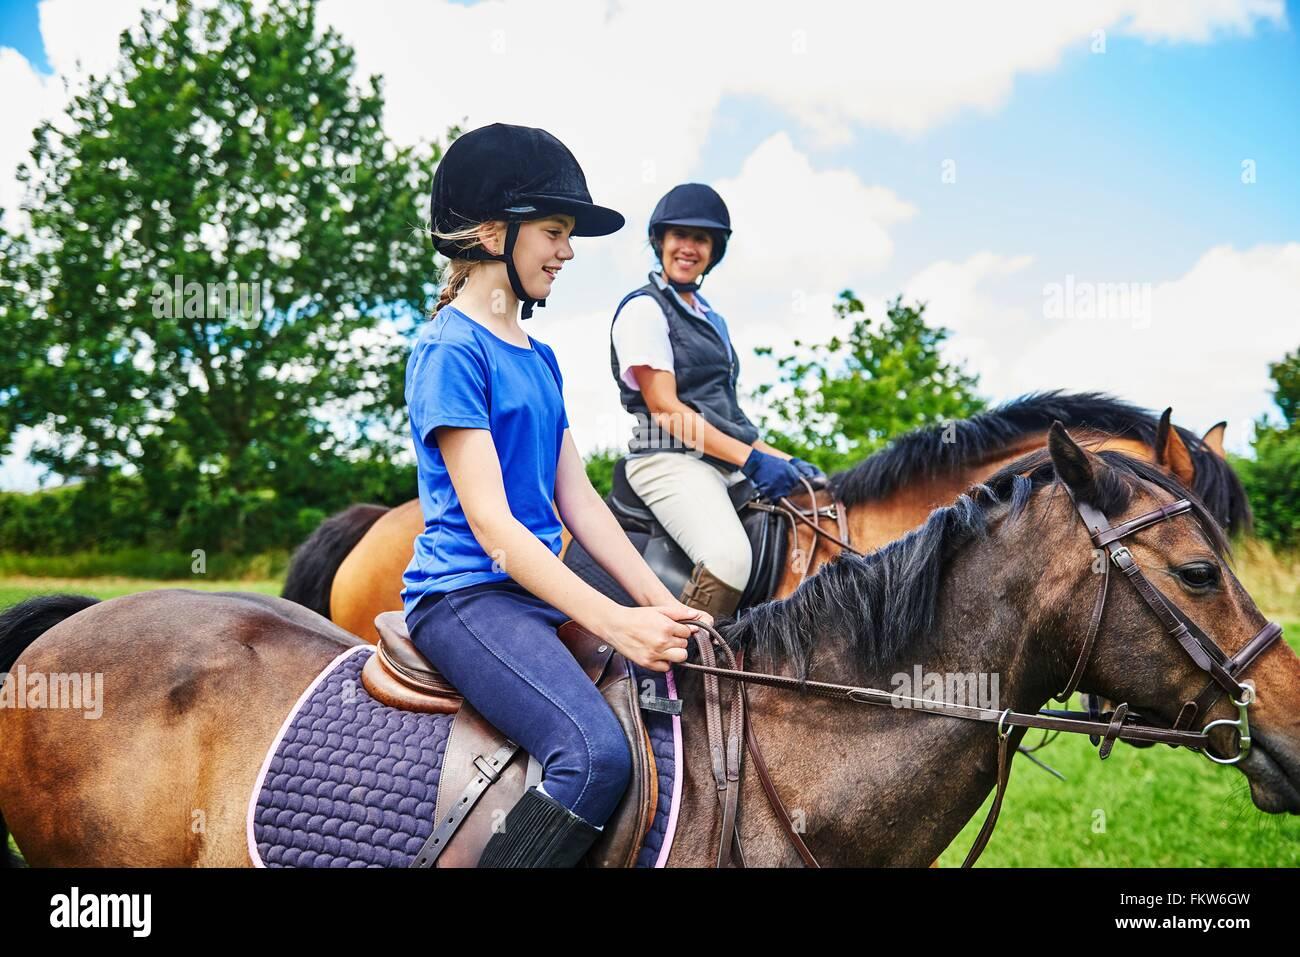 Seitenansicht der Reife Frau und Mädchen auf Pferde tragen Reiten Hüte lächelnd Stockbild